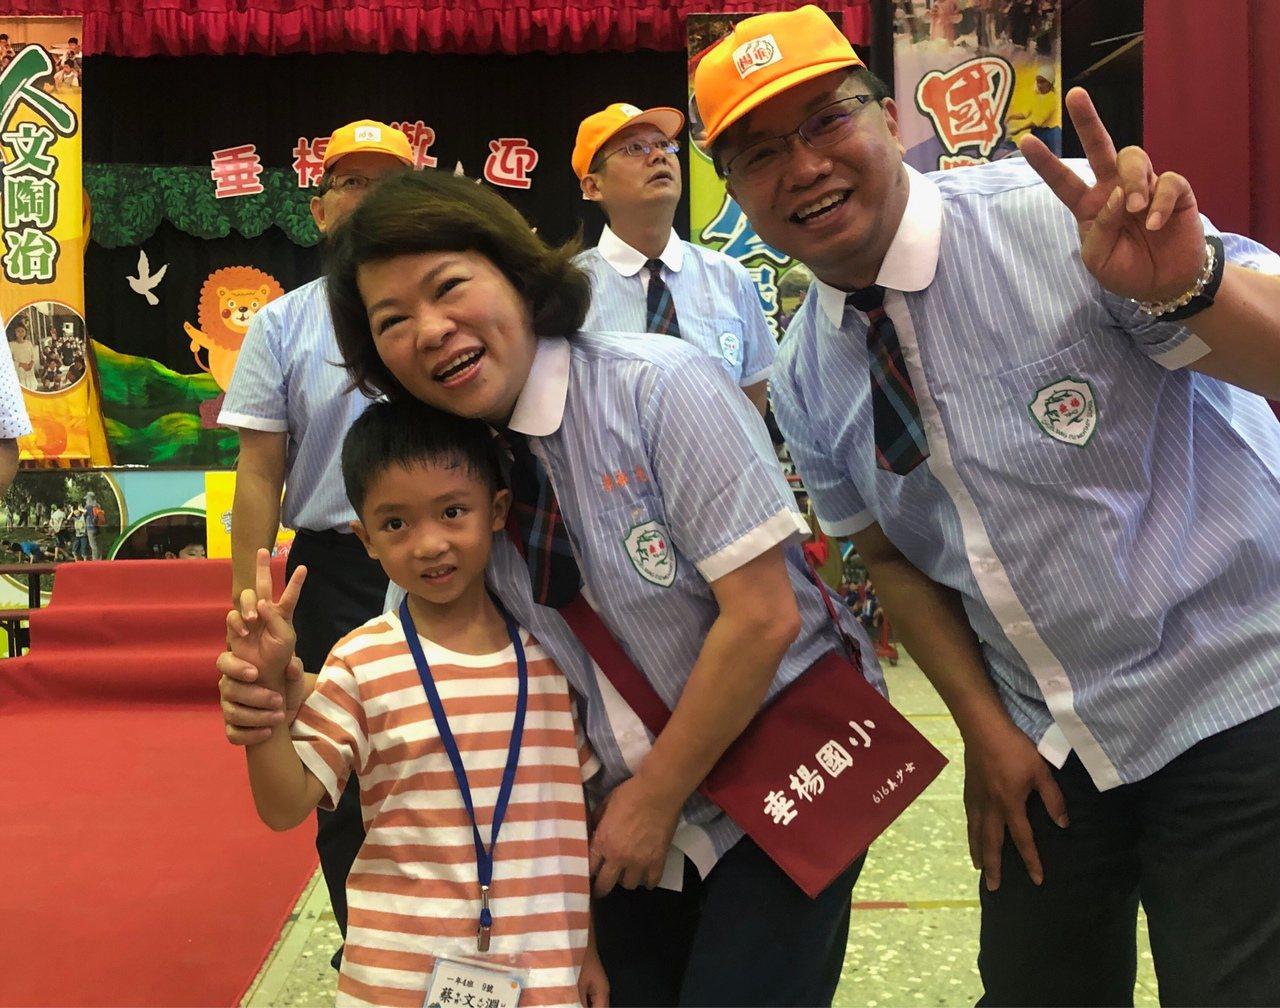 嘉義市長黃敏惠(中)大幅提高明年度教育預算,教育處長林立生(右)將會在議會審查前...